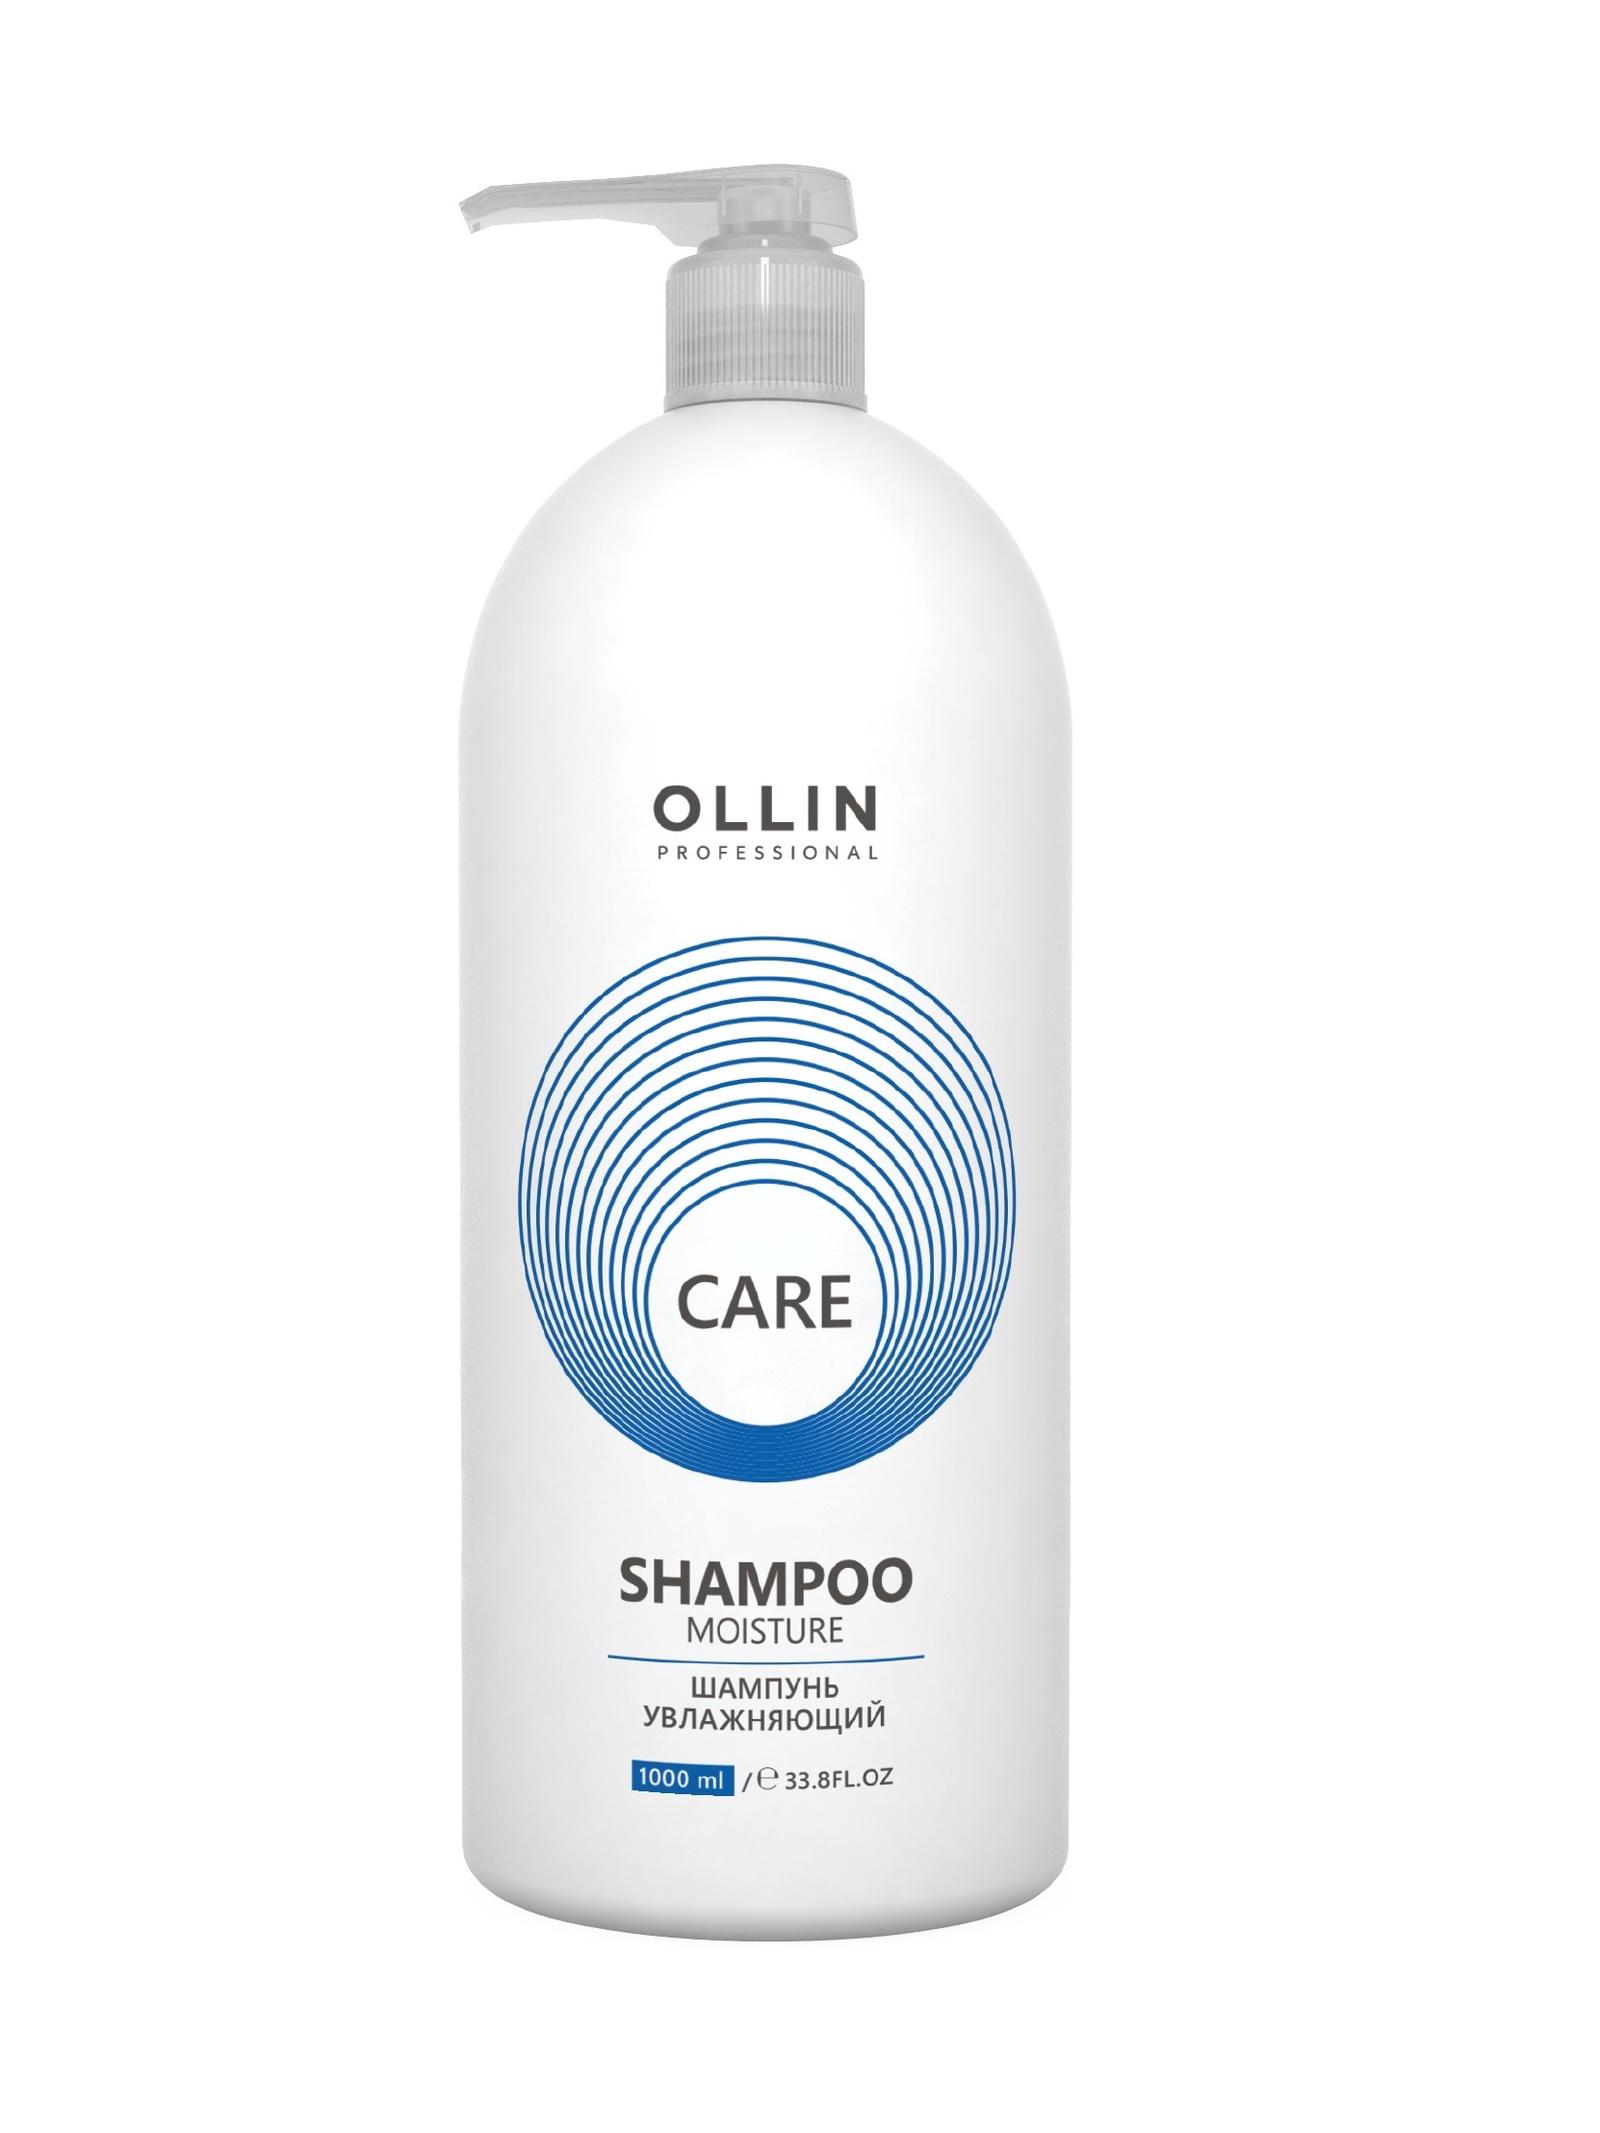 Шампунь для волос OLLIN PROFESSIONAL CARE для увлажнения и питания moisture 1000 мл